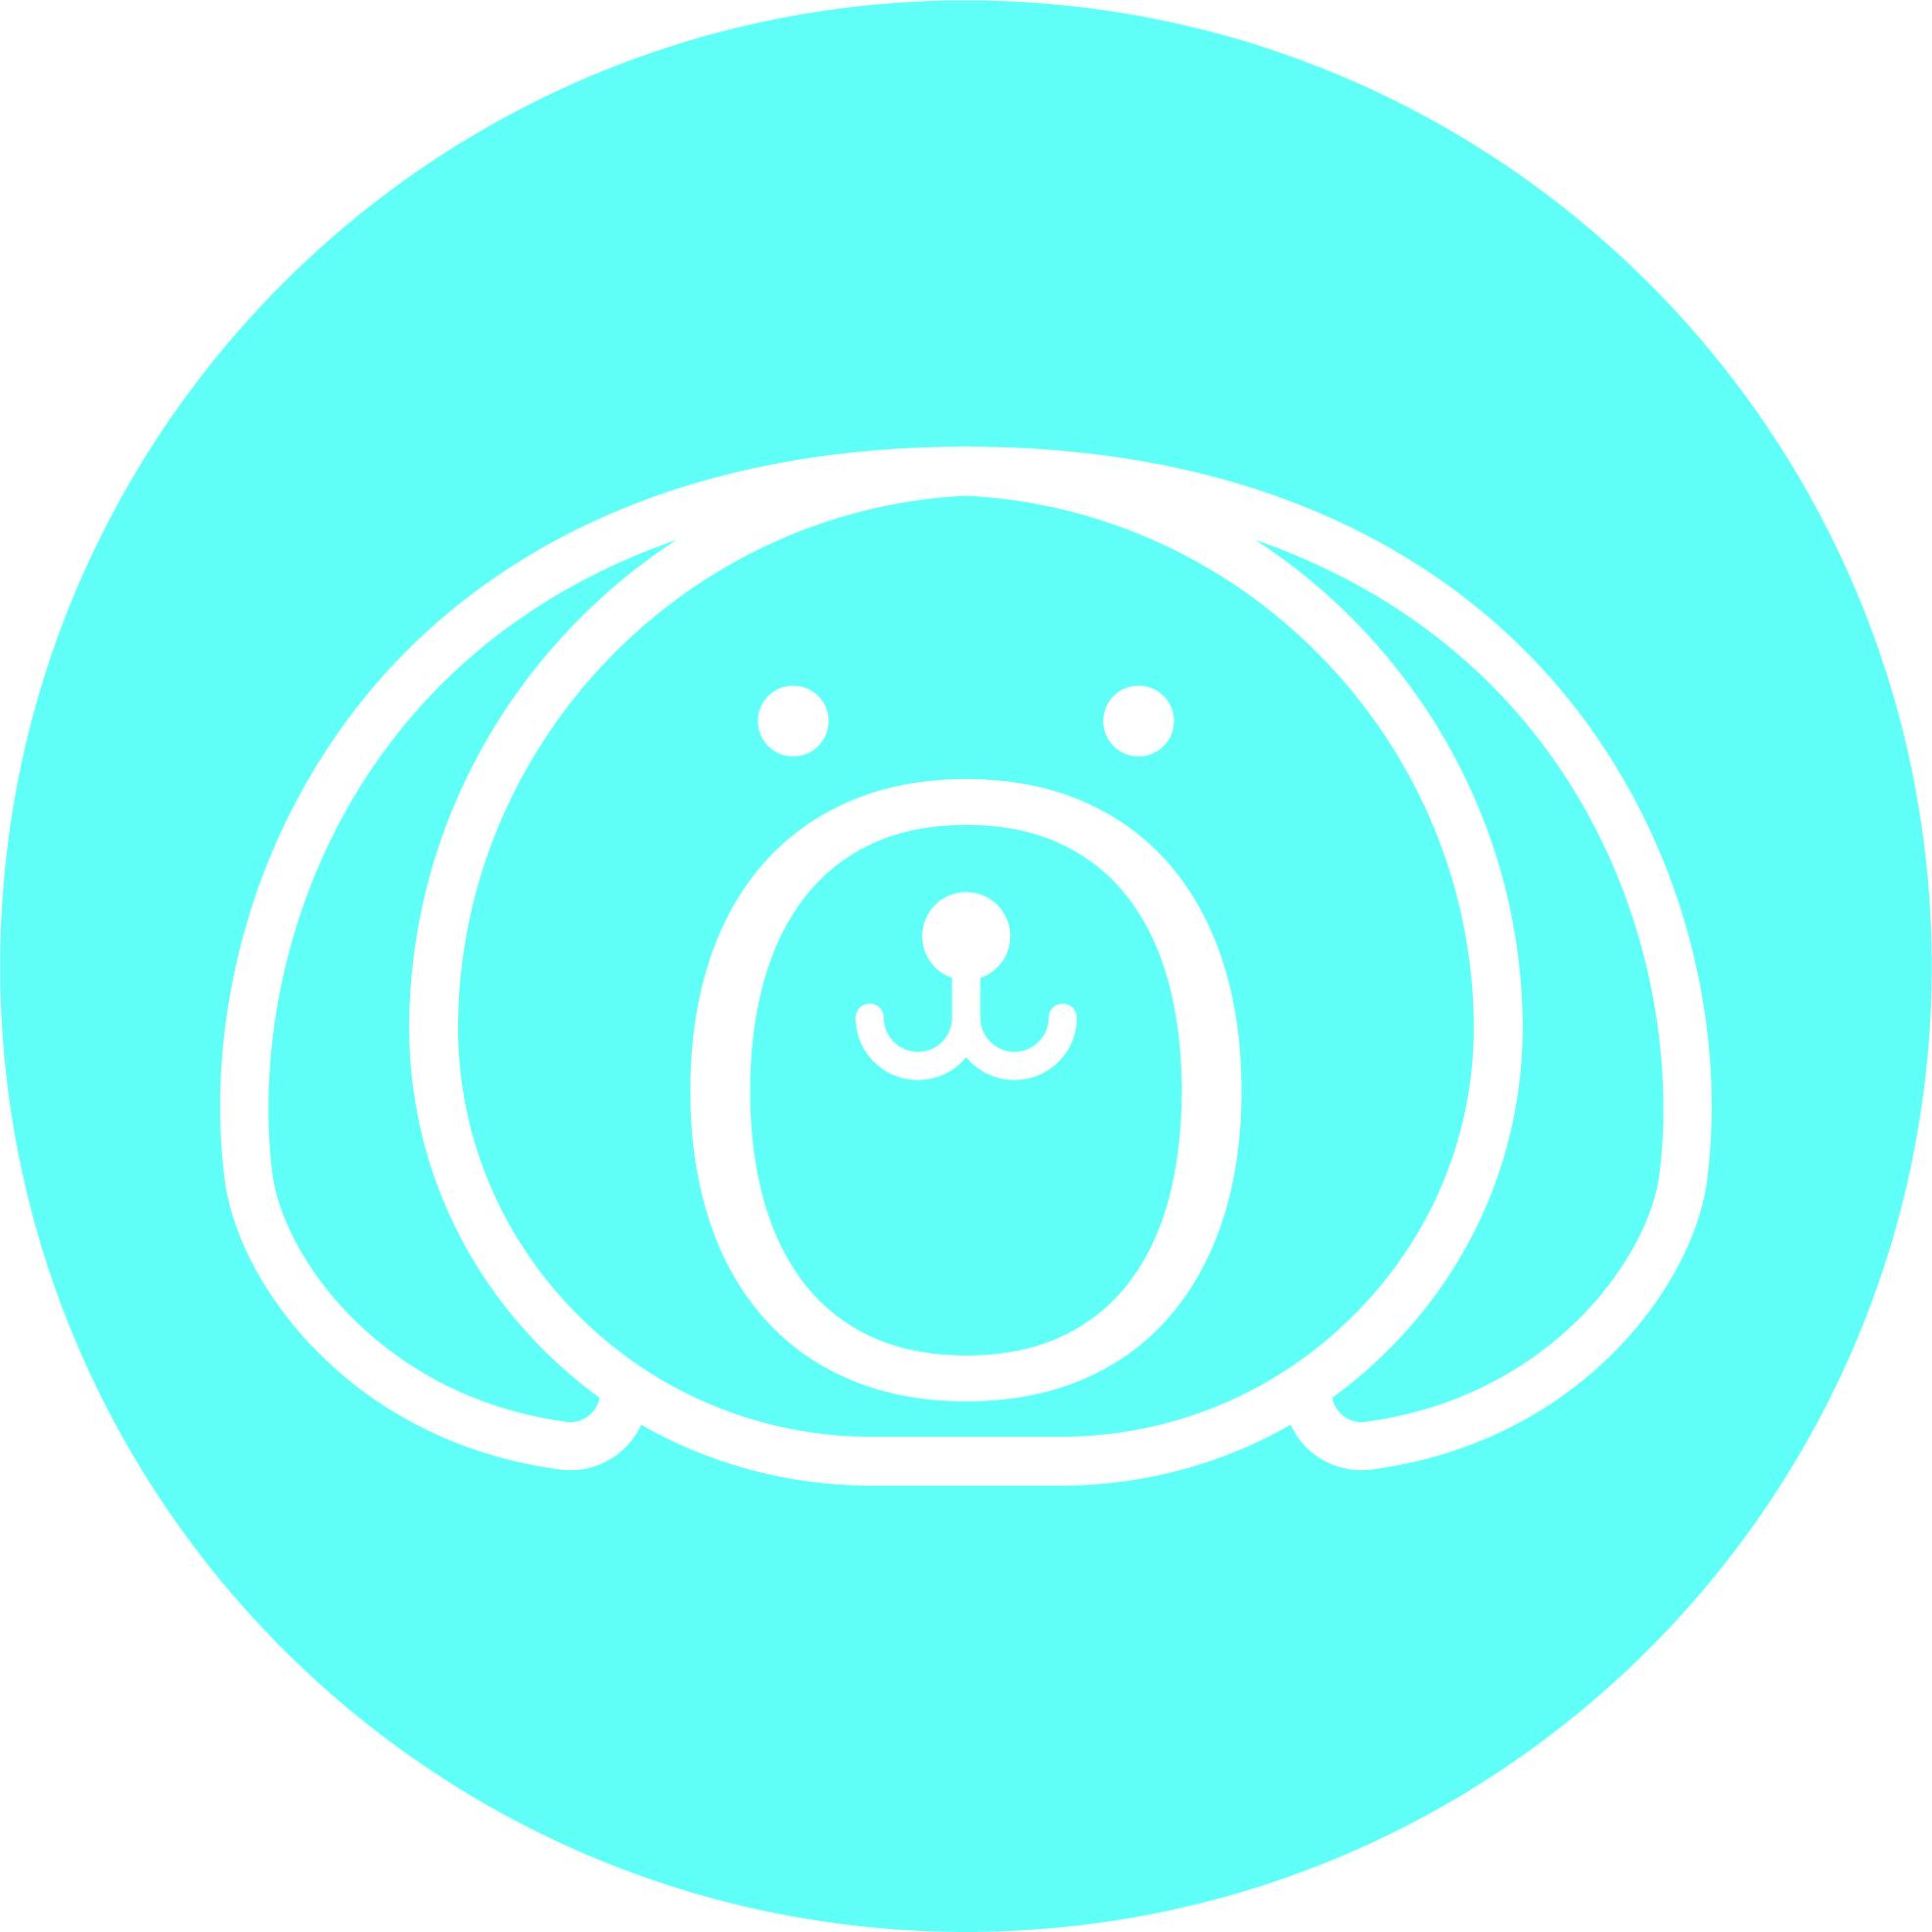 Bob & Lulu - Brandmark - Sticker - White - Blue.jpg